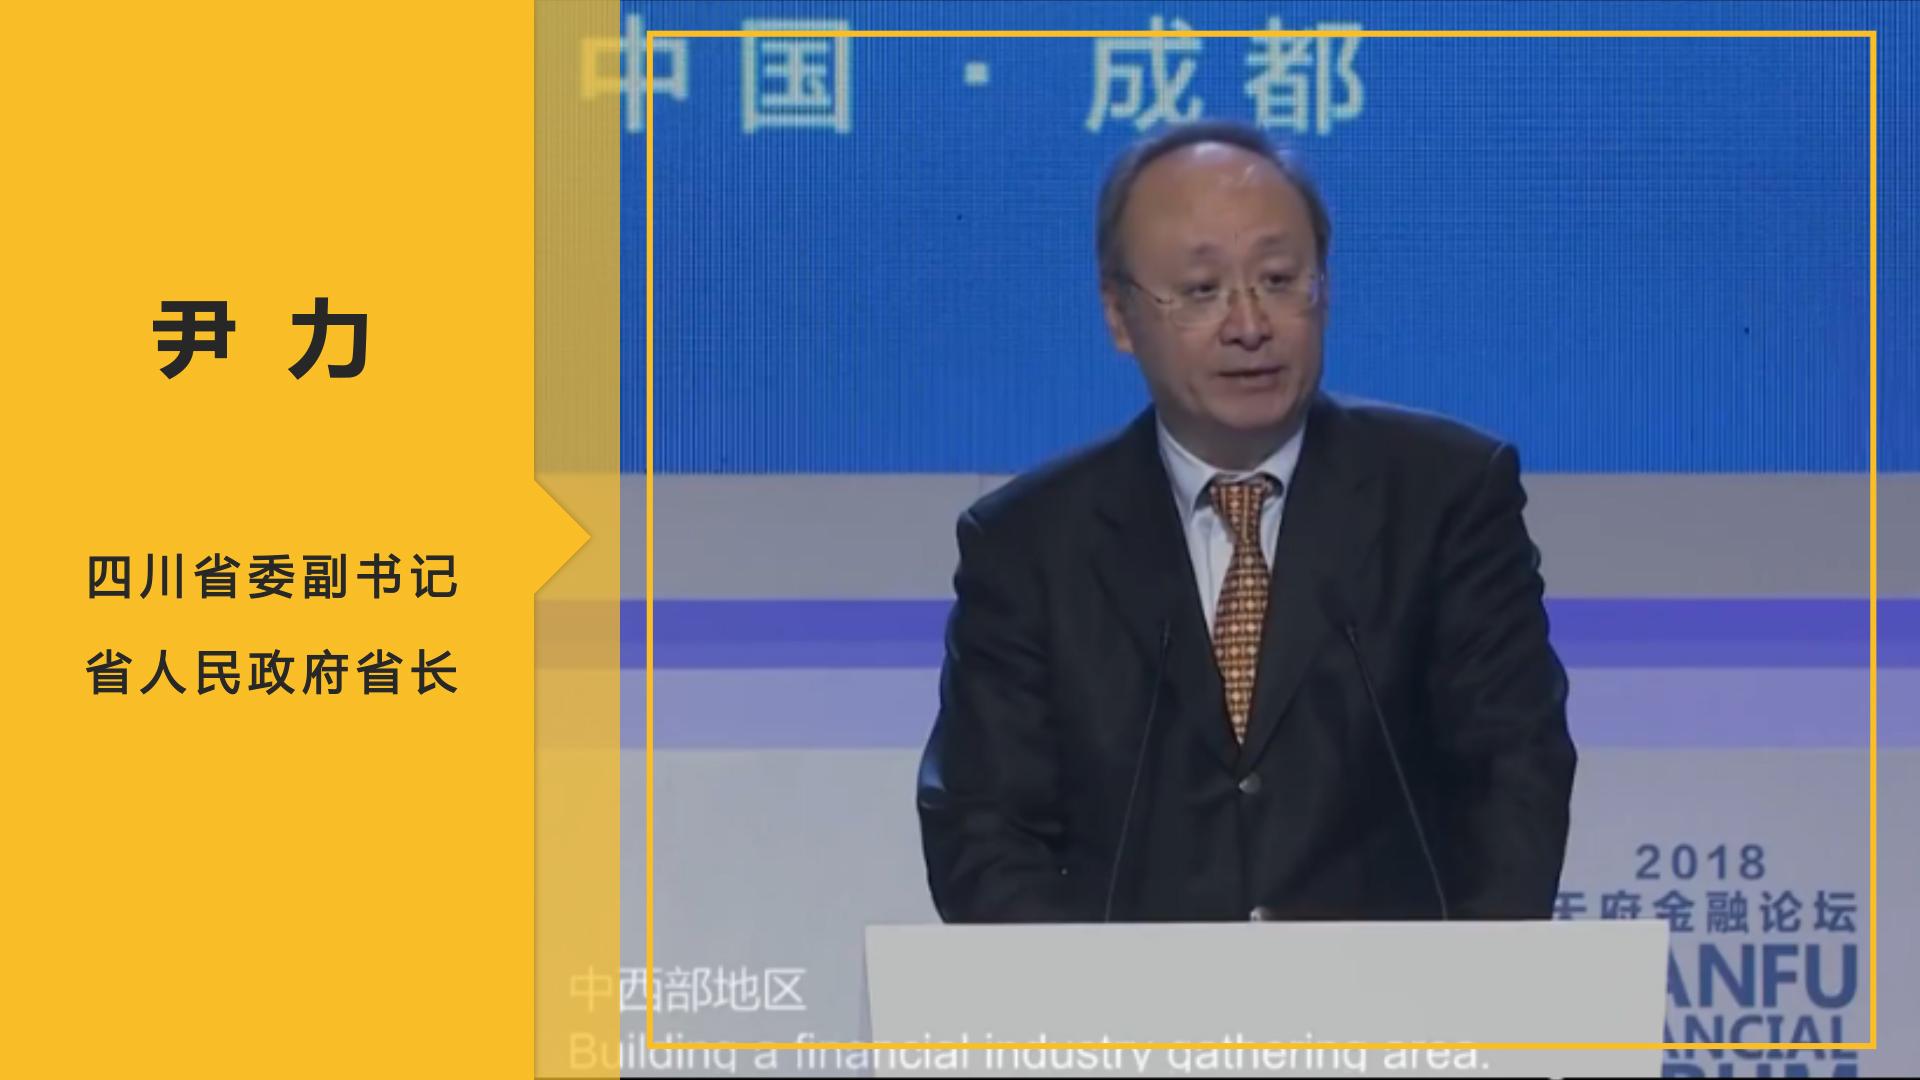 尹力:深化金融改革创新